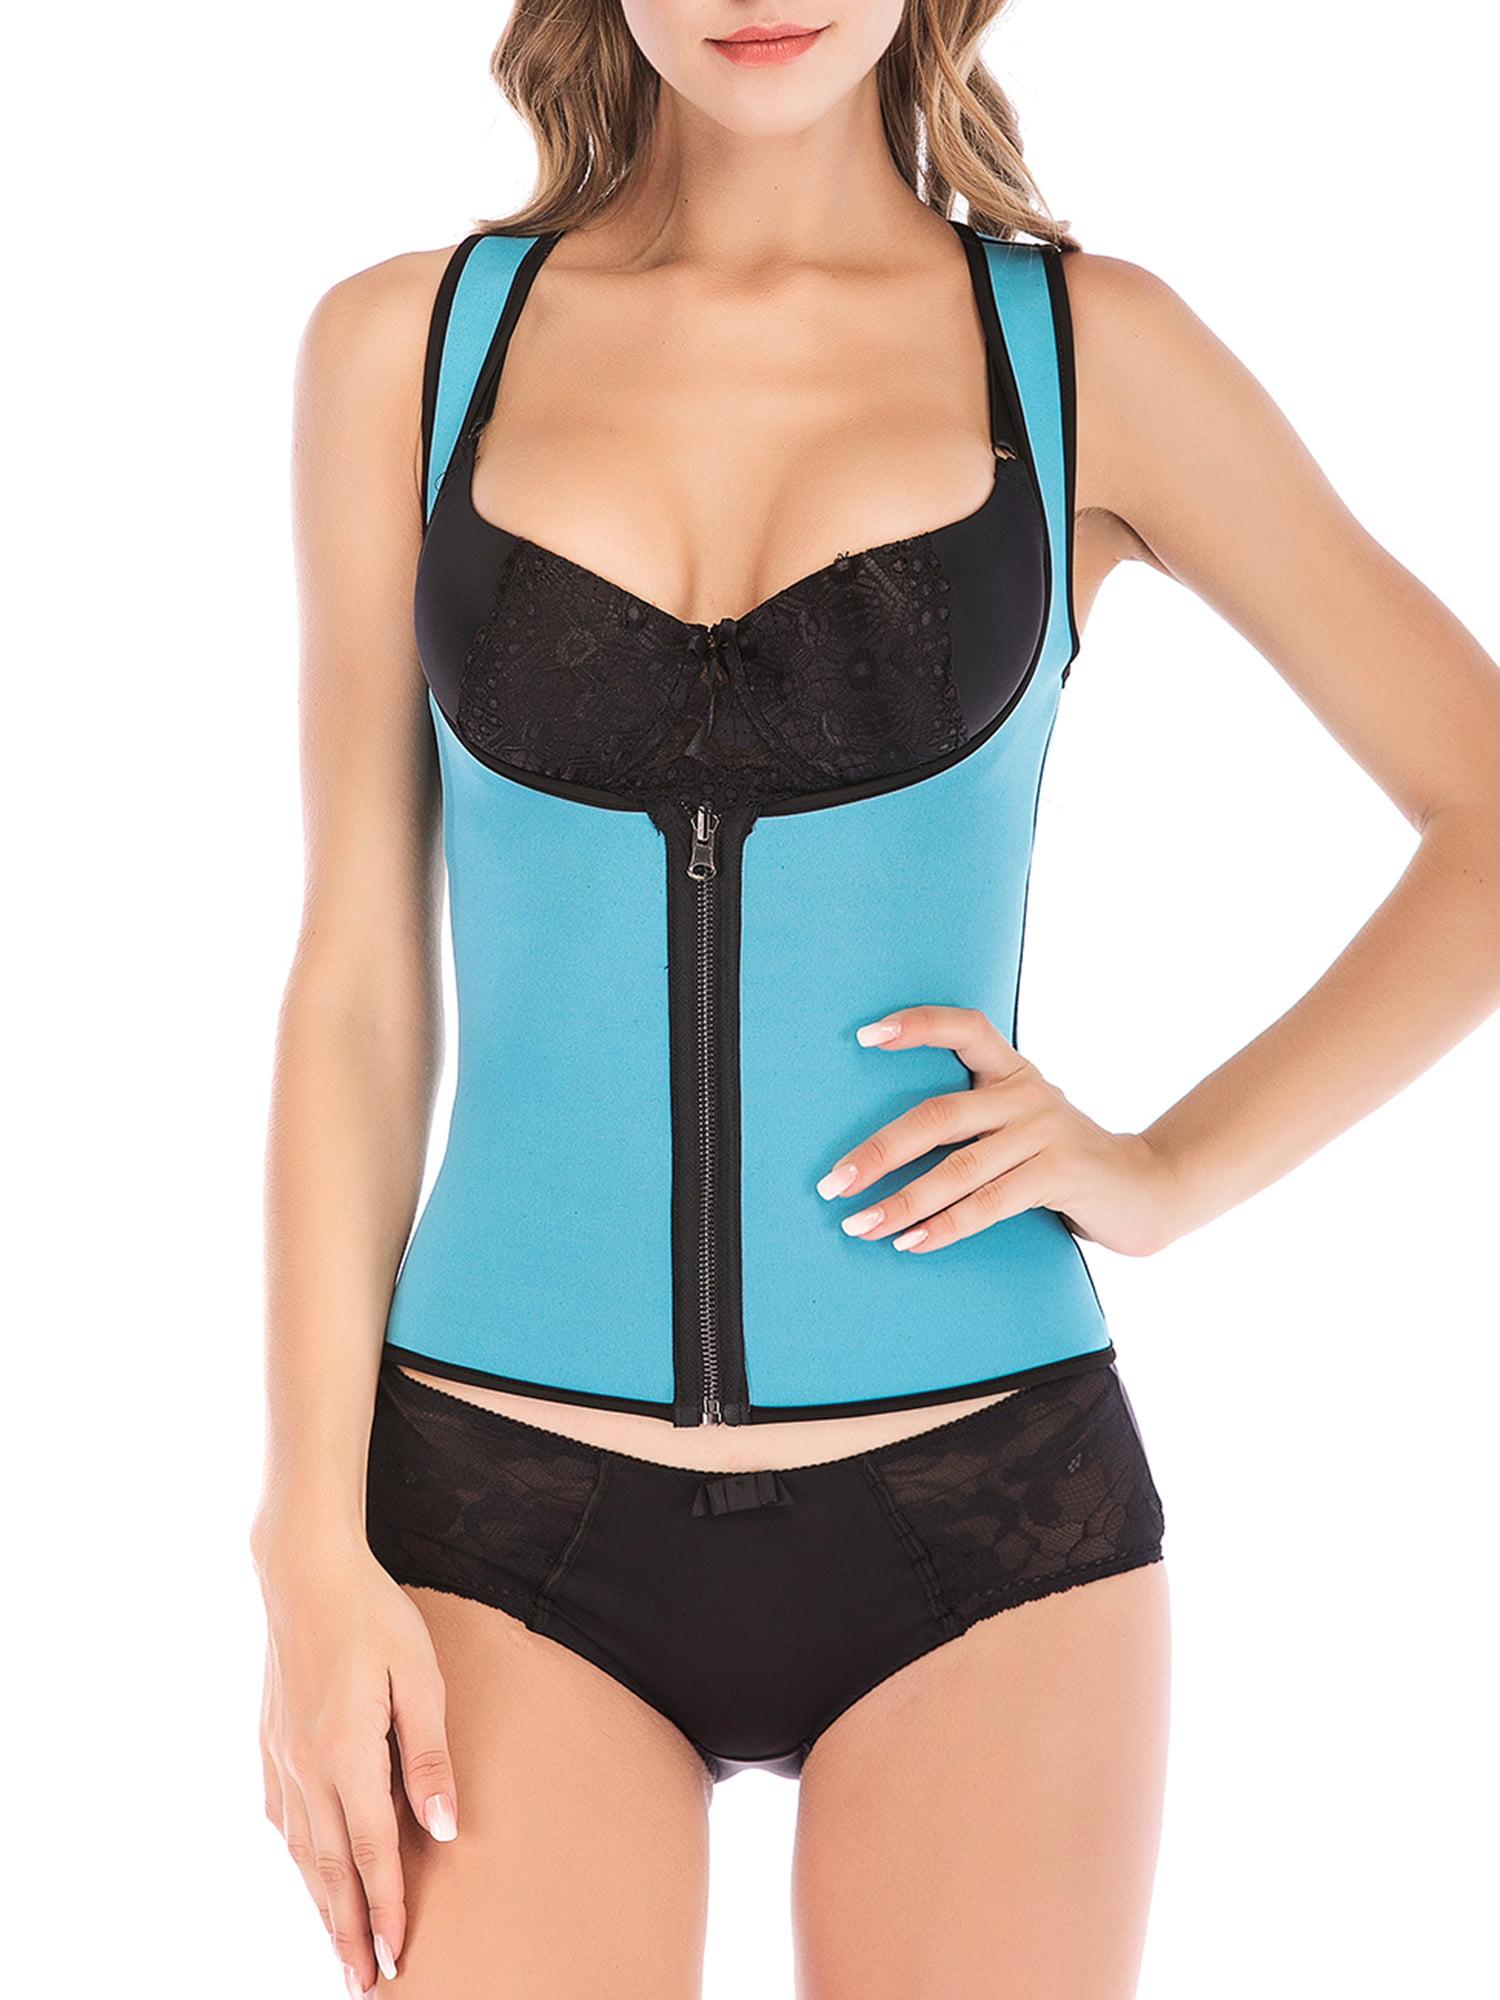 Body Shaper Hot Sweat Vest Women Waist Trainer Cincher Corset Shapewear